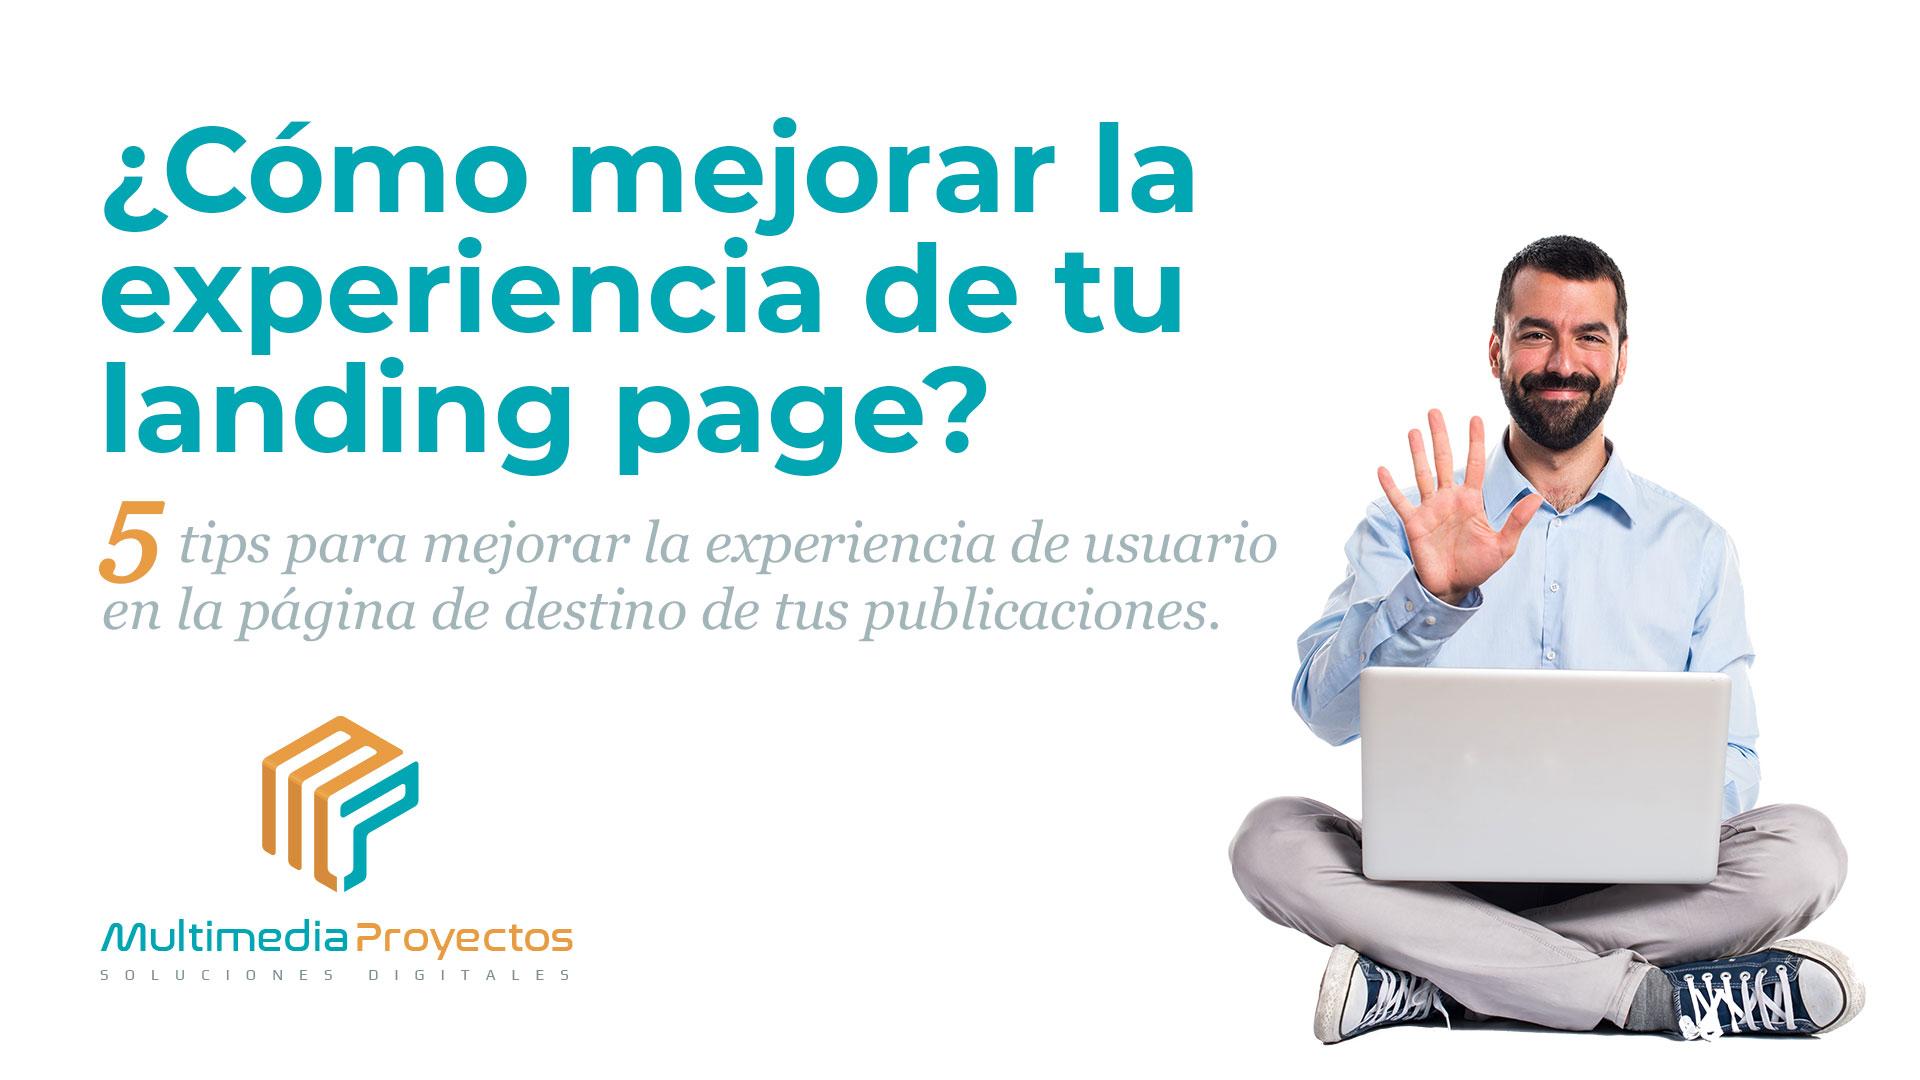 Imagen destacada de la publicación ¿Cómo mejorar las experiencia de tu landing page?